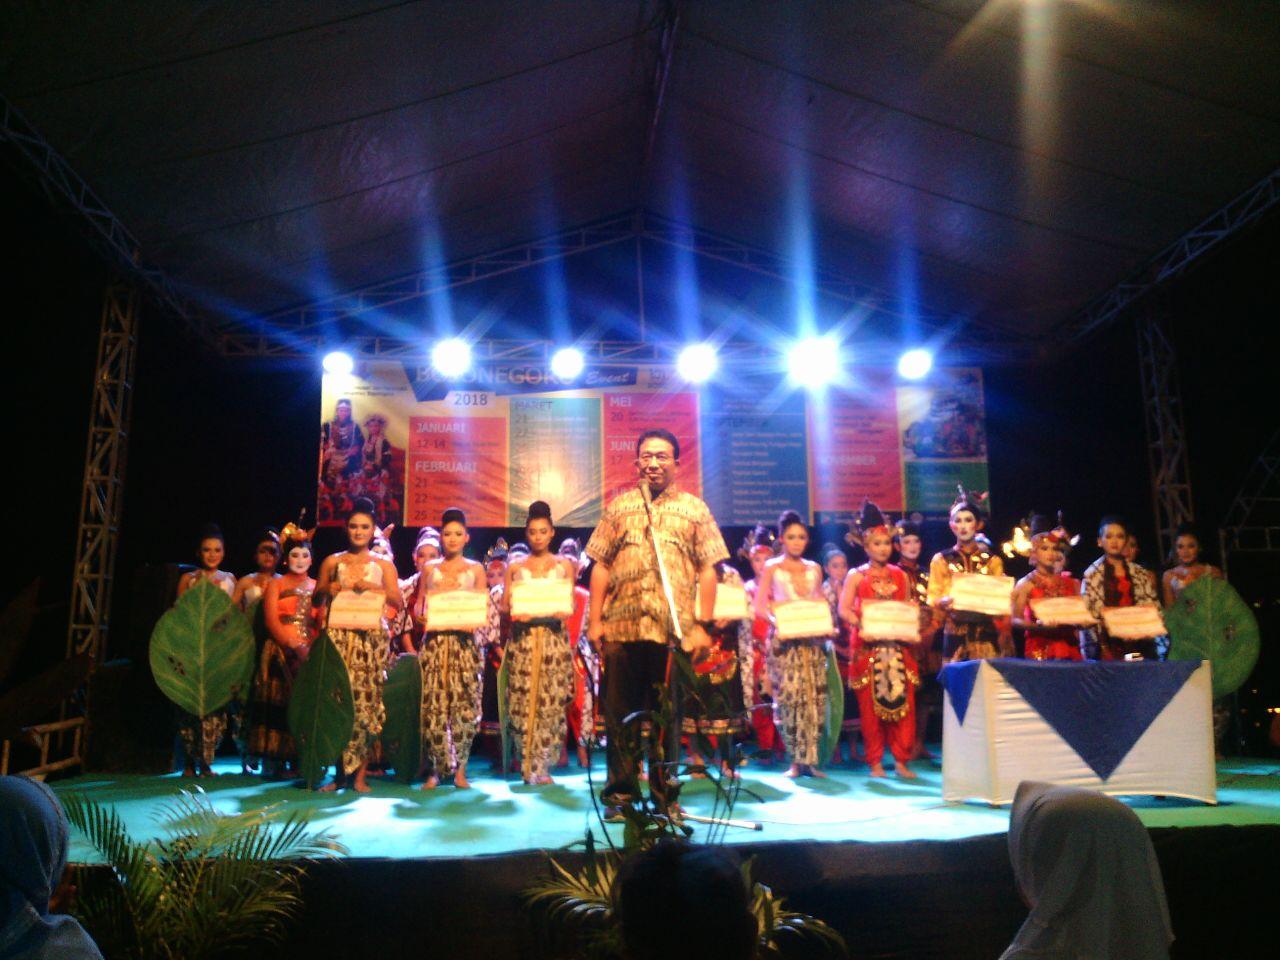 Dinas Kebudayaan Pariwisata Kabupaten Bojonegoro Memiliki Destinasi Wisata Tepatnya Tanggal